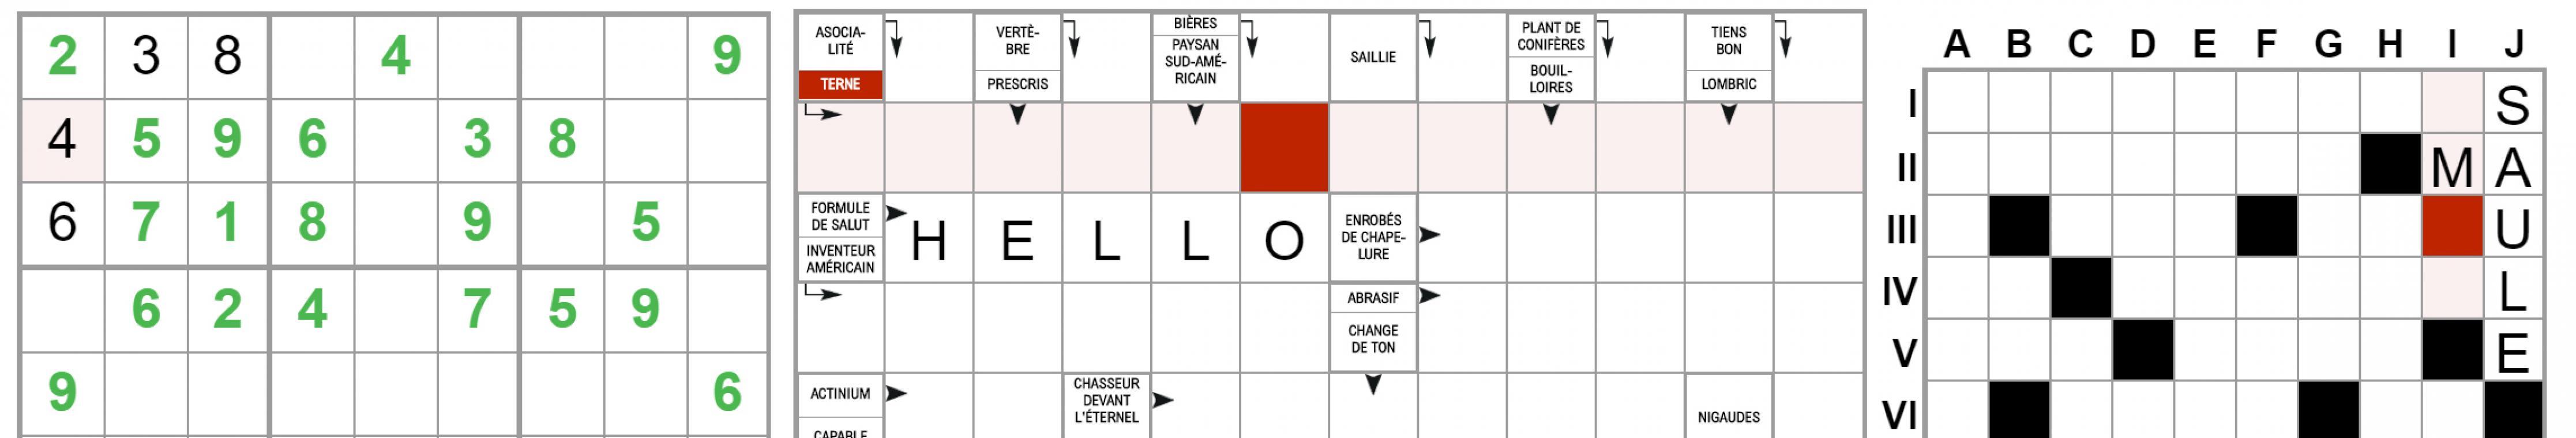 (TERMINE) Mots-croisés, Sudoku, Mots fléchés, retrouvez vos jeux préférés !